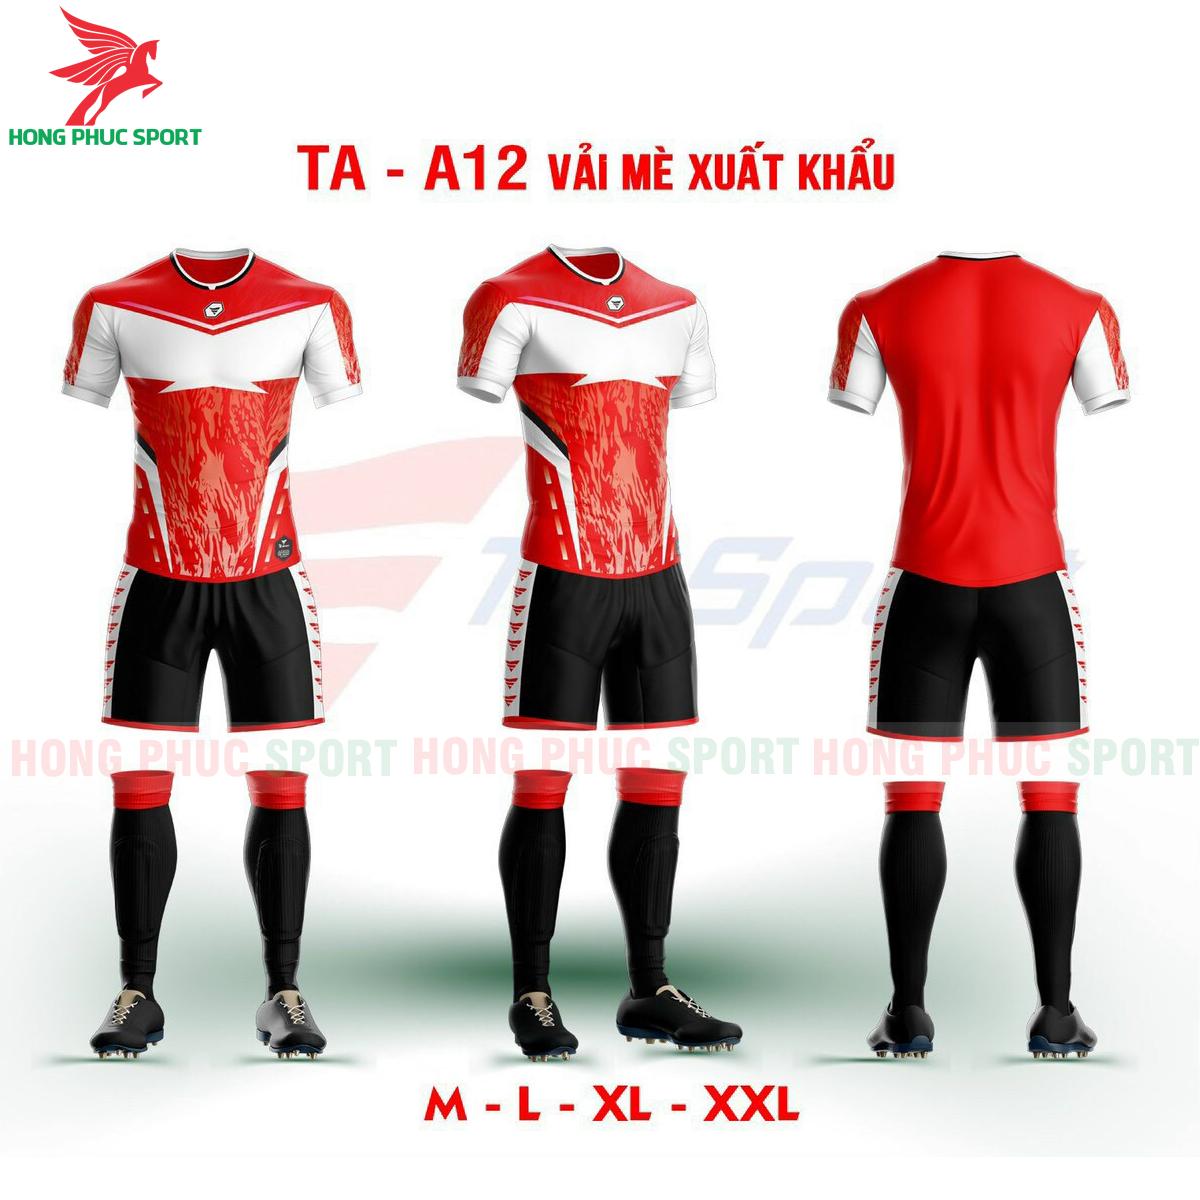 Áo bóng đá không logo TA-A12 màu đỏ